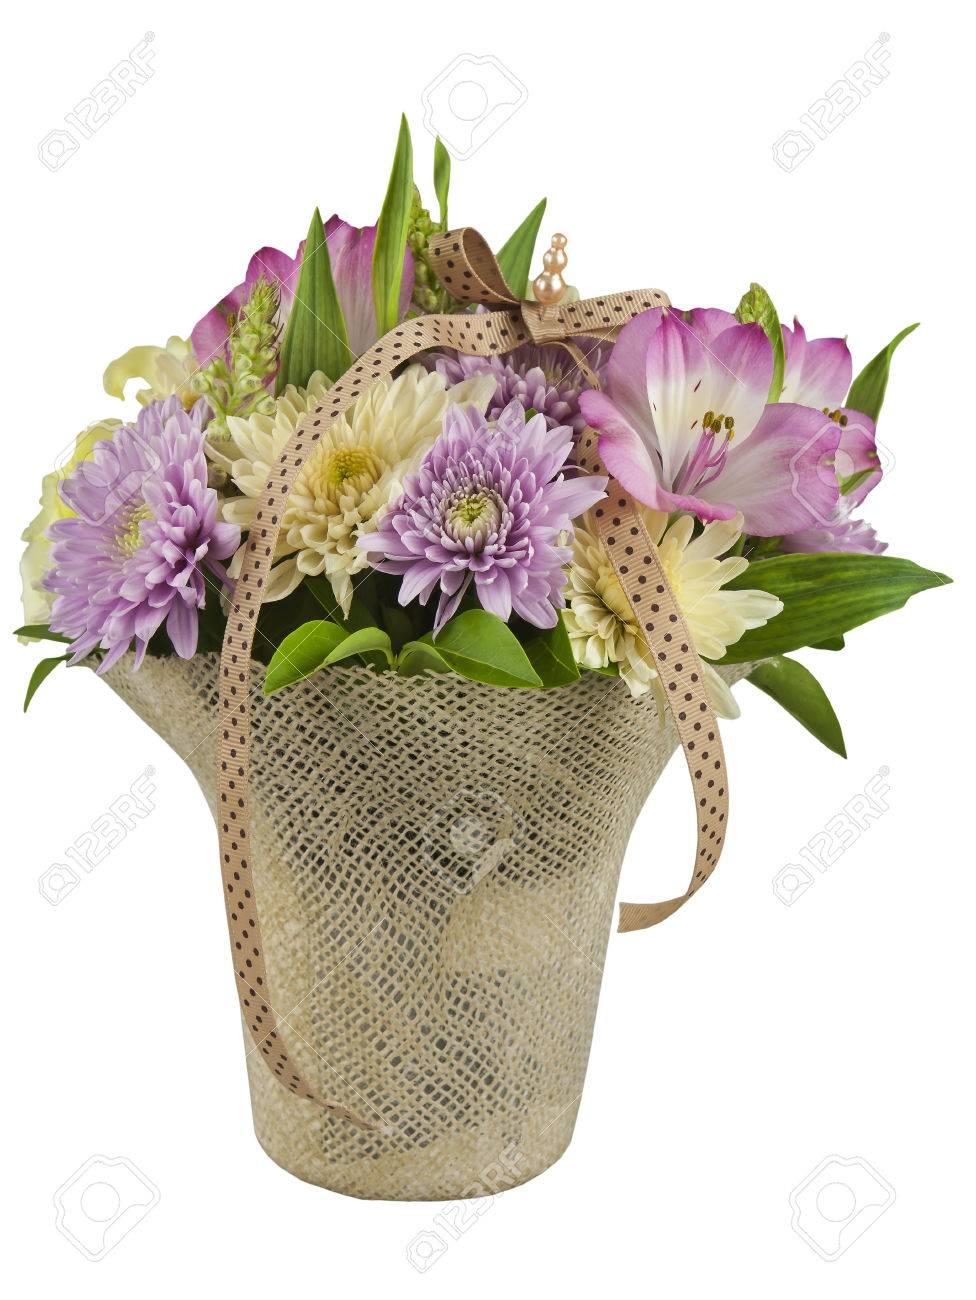 Beautiful flowers arranged in a basket stock photo picture and beautiful flowers arranged in a basket stock photo 79962453 izmirmasajfo